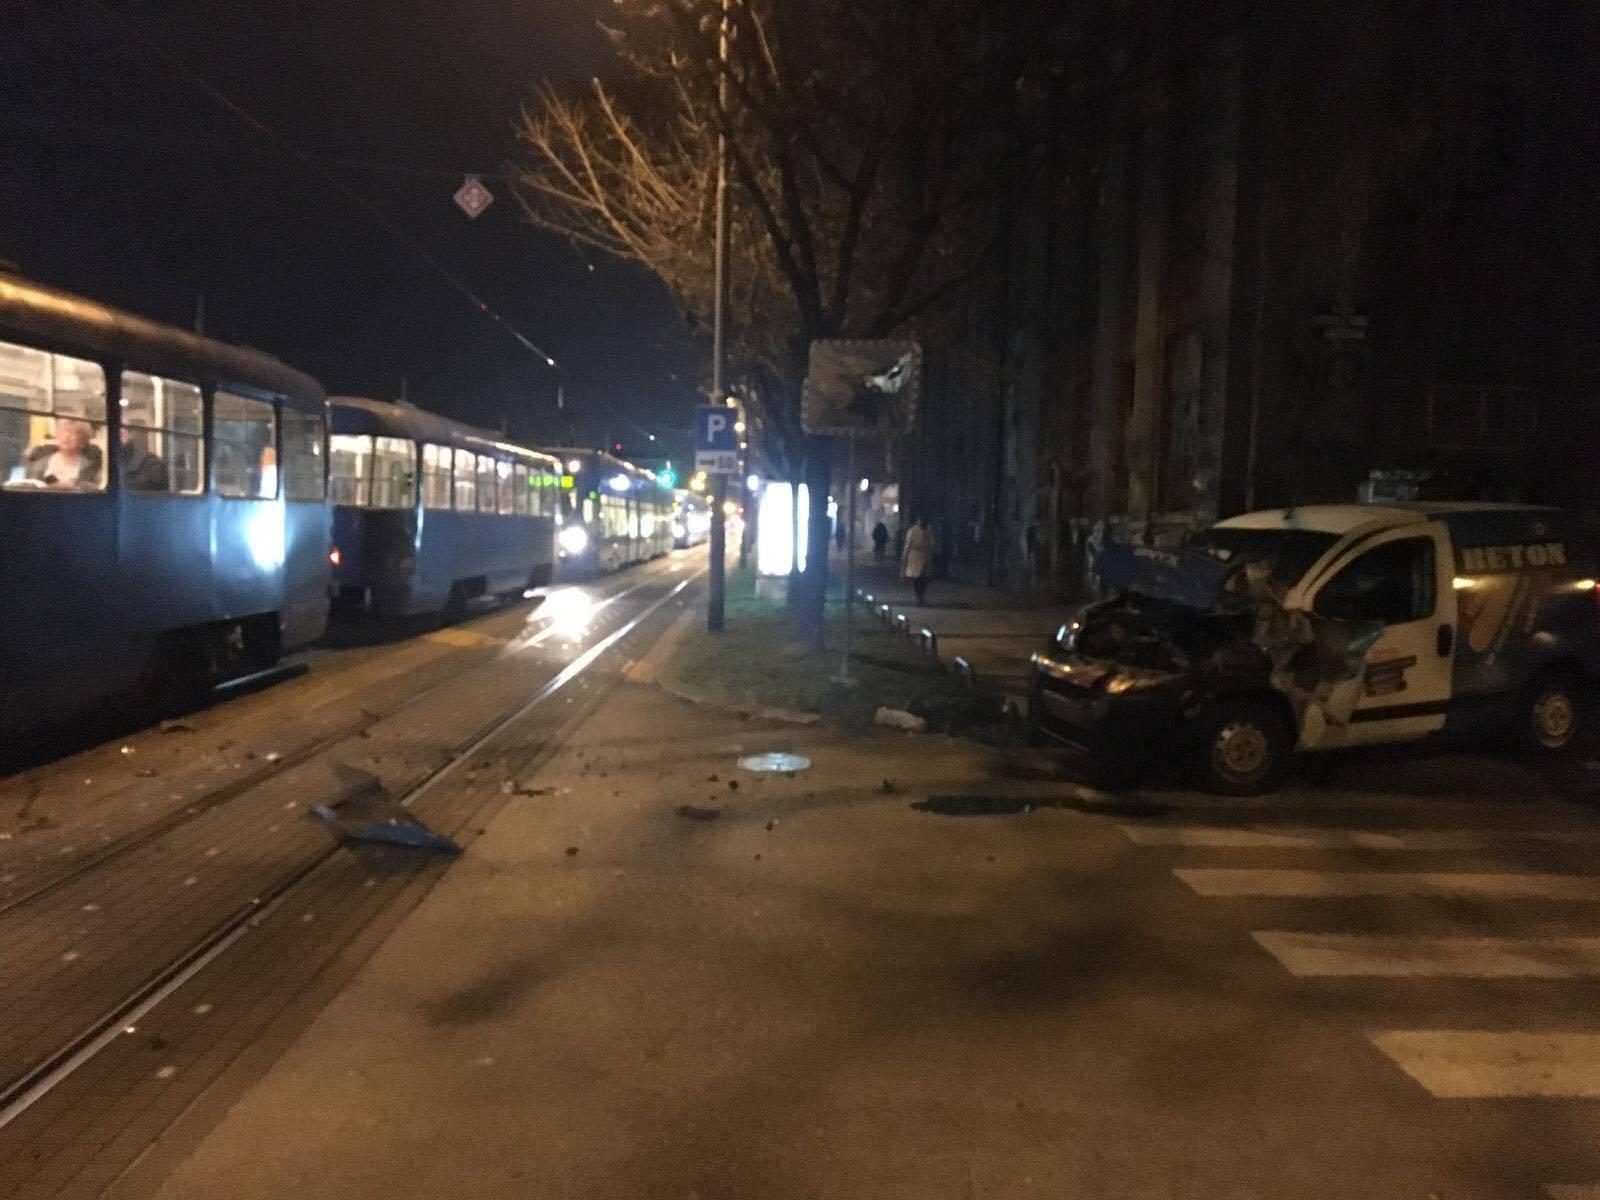 Sudarili se tramvaj i dostavno vozilo: 'Putnici su padali...'